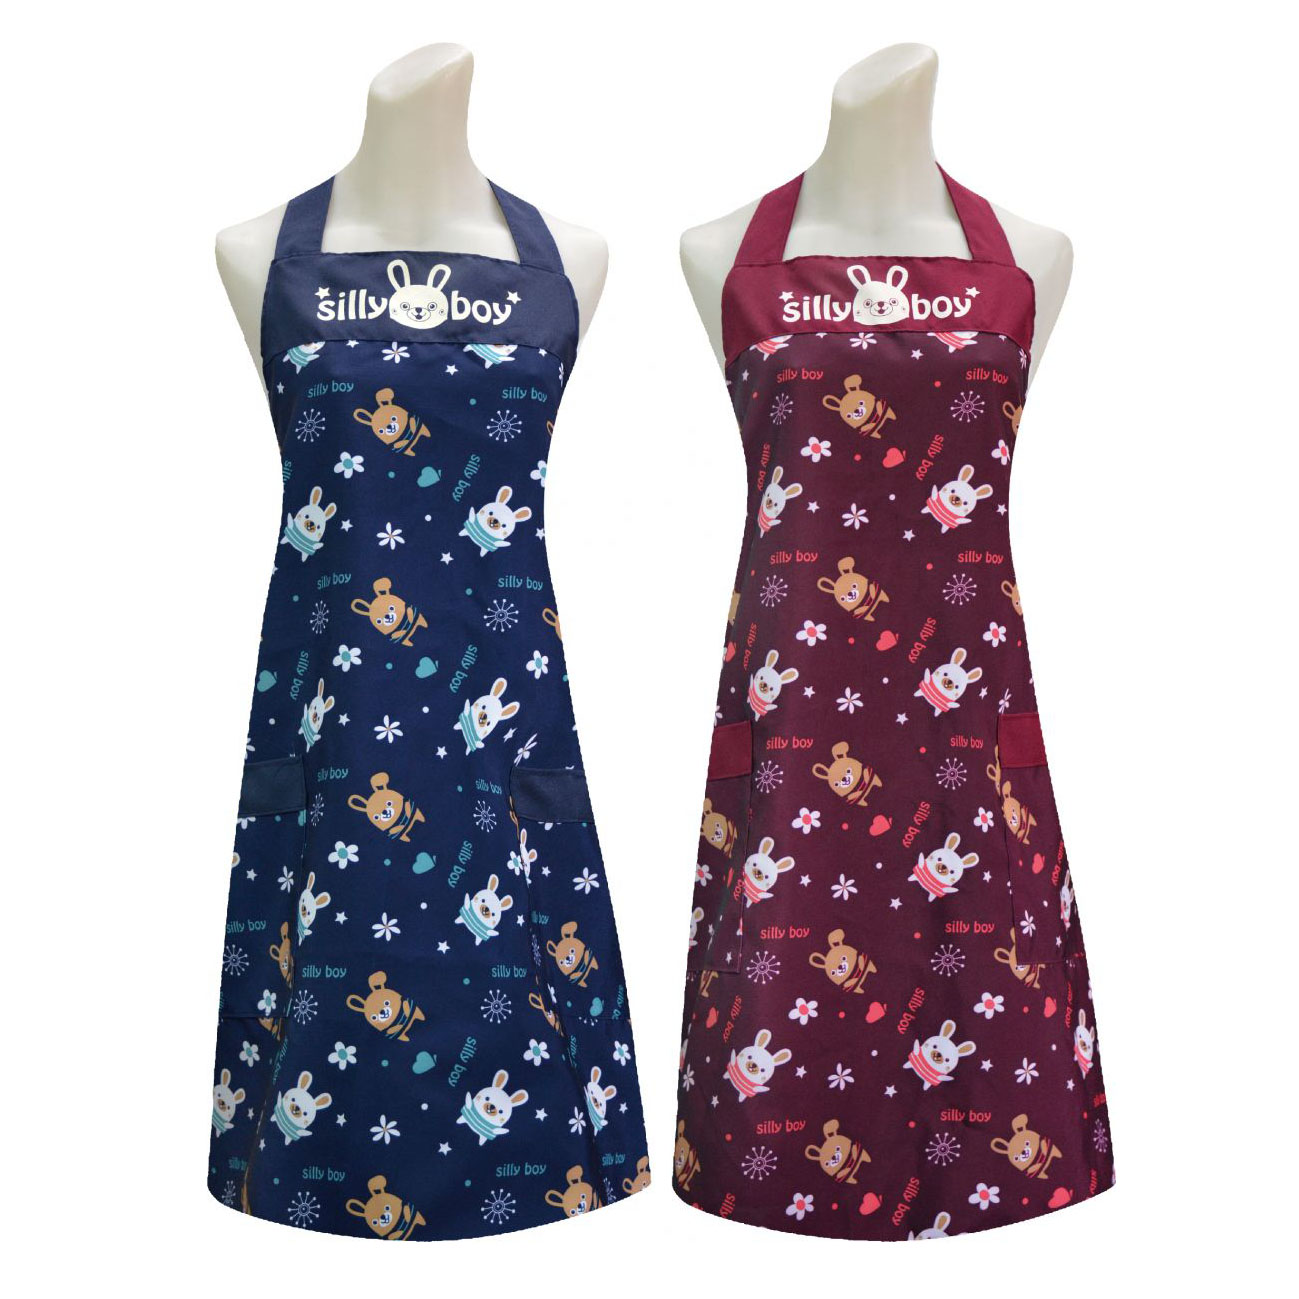 俏皮兔防水围裙 G515 餐饮业 保母 幼儿园 厨房 咖啡店 活动制服围裙